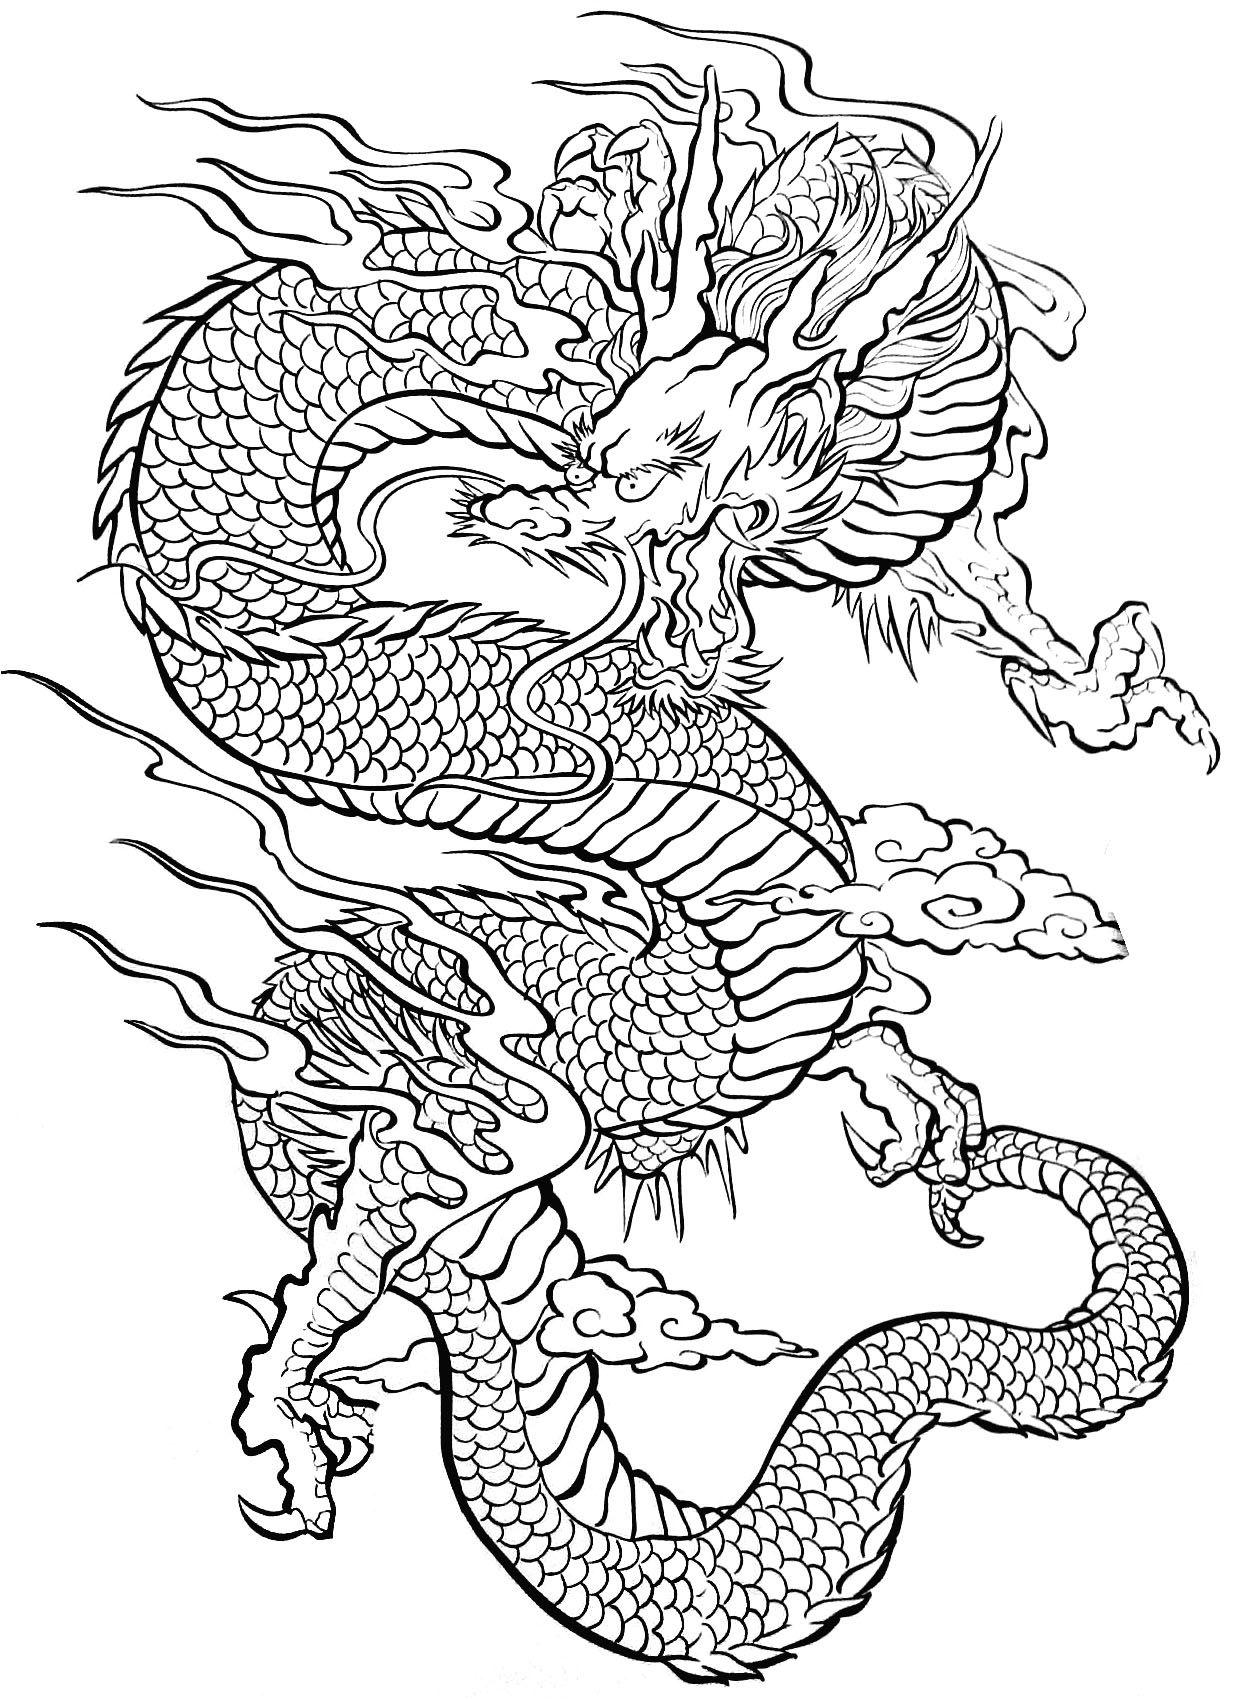 Pour Imprimer Ce Coloriage Gratuit Coloriage Tatouage Dragon